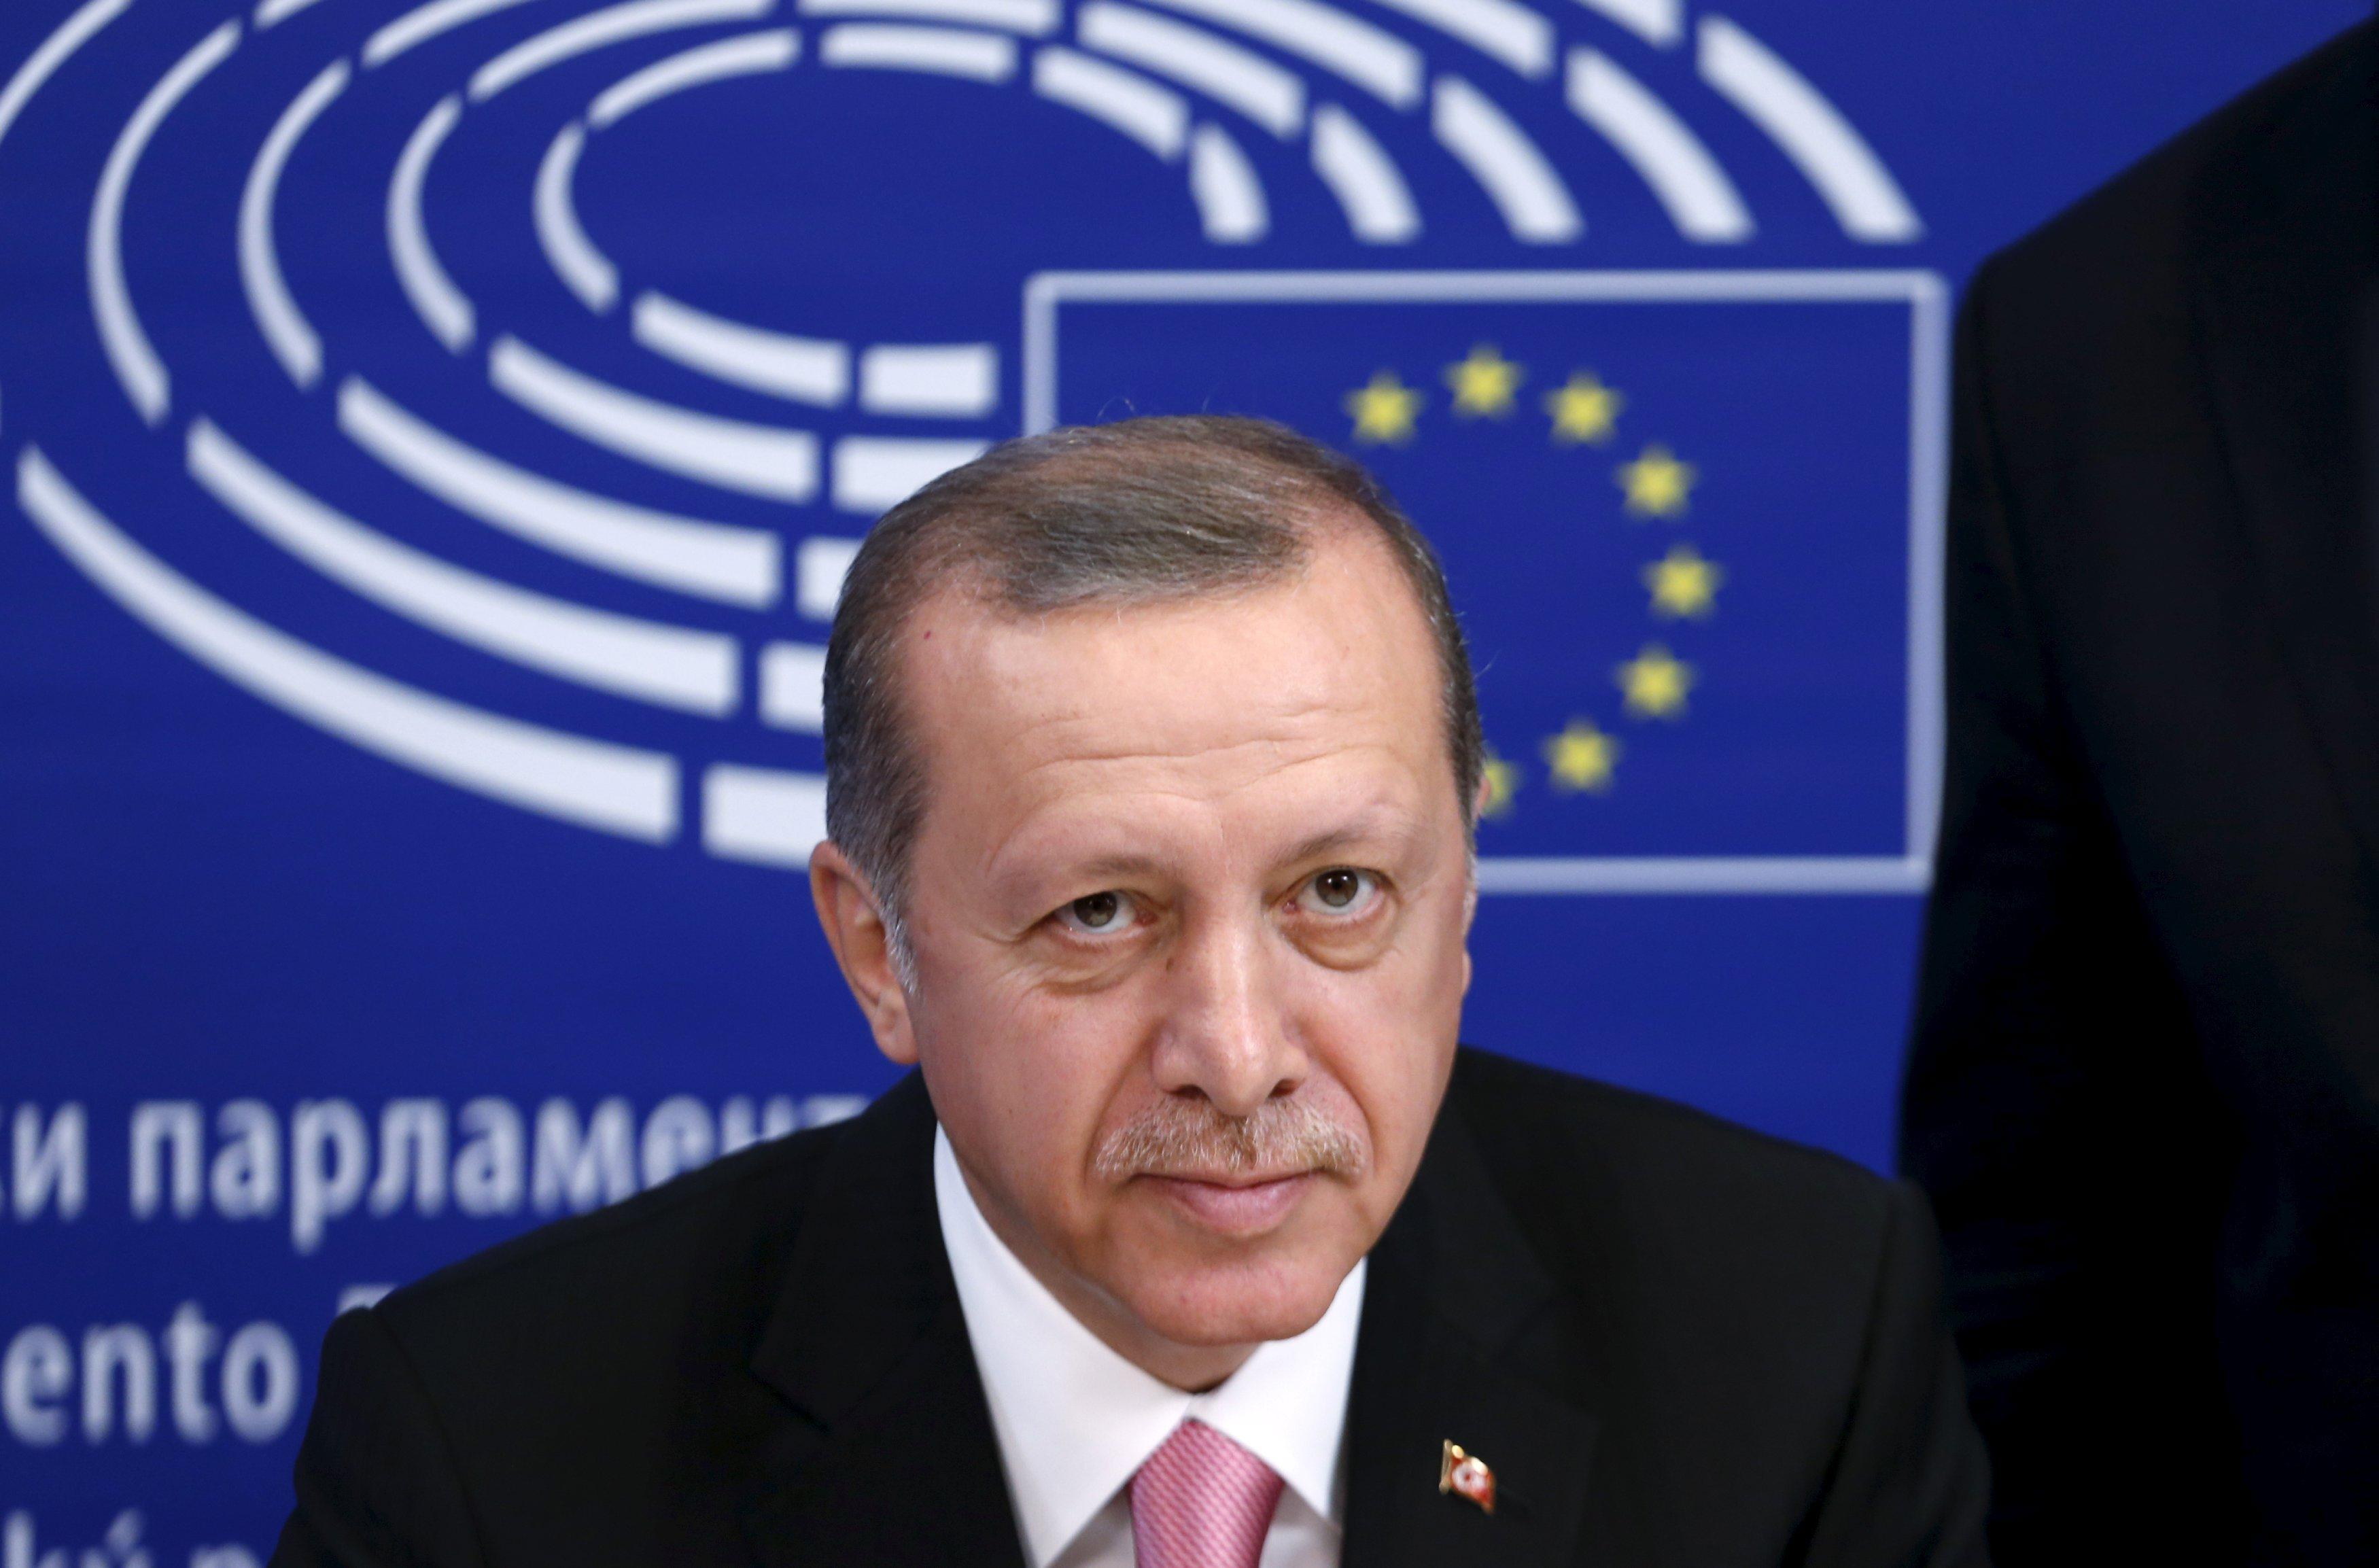 Presiden Turki Tayyip Erdogan (kiri) melihat ke depan saat ia bersama Presiden Parlemen Eropa Martin Schulz (tak terlihat) menjelang sidang di Parlemen Uni Eropa di Brussels, Belgia, Senin (5/10). Erdogan sepertinya mengejek tawaran Uni Eropa untuk membantu krisis migrasi mereka saat tiba dalam kunjungan kenegaraan yang ditunggu-tunggu ke Brussels dan serangkaian pertemuan dengan pemimpin Uni Eropa yang dimulai kemarin. ANTARA FOTO/REUTERS/Francois Lenoir.